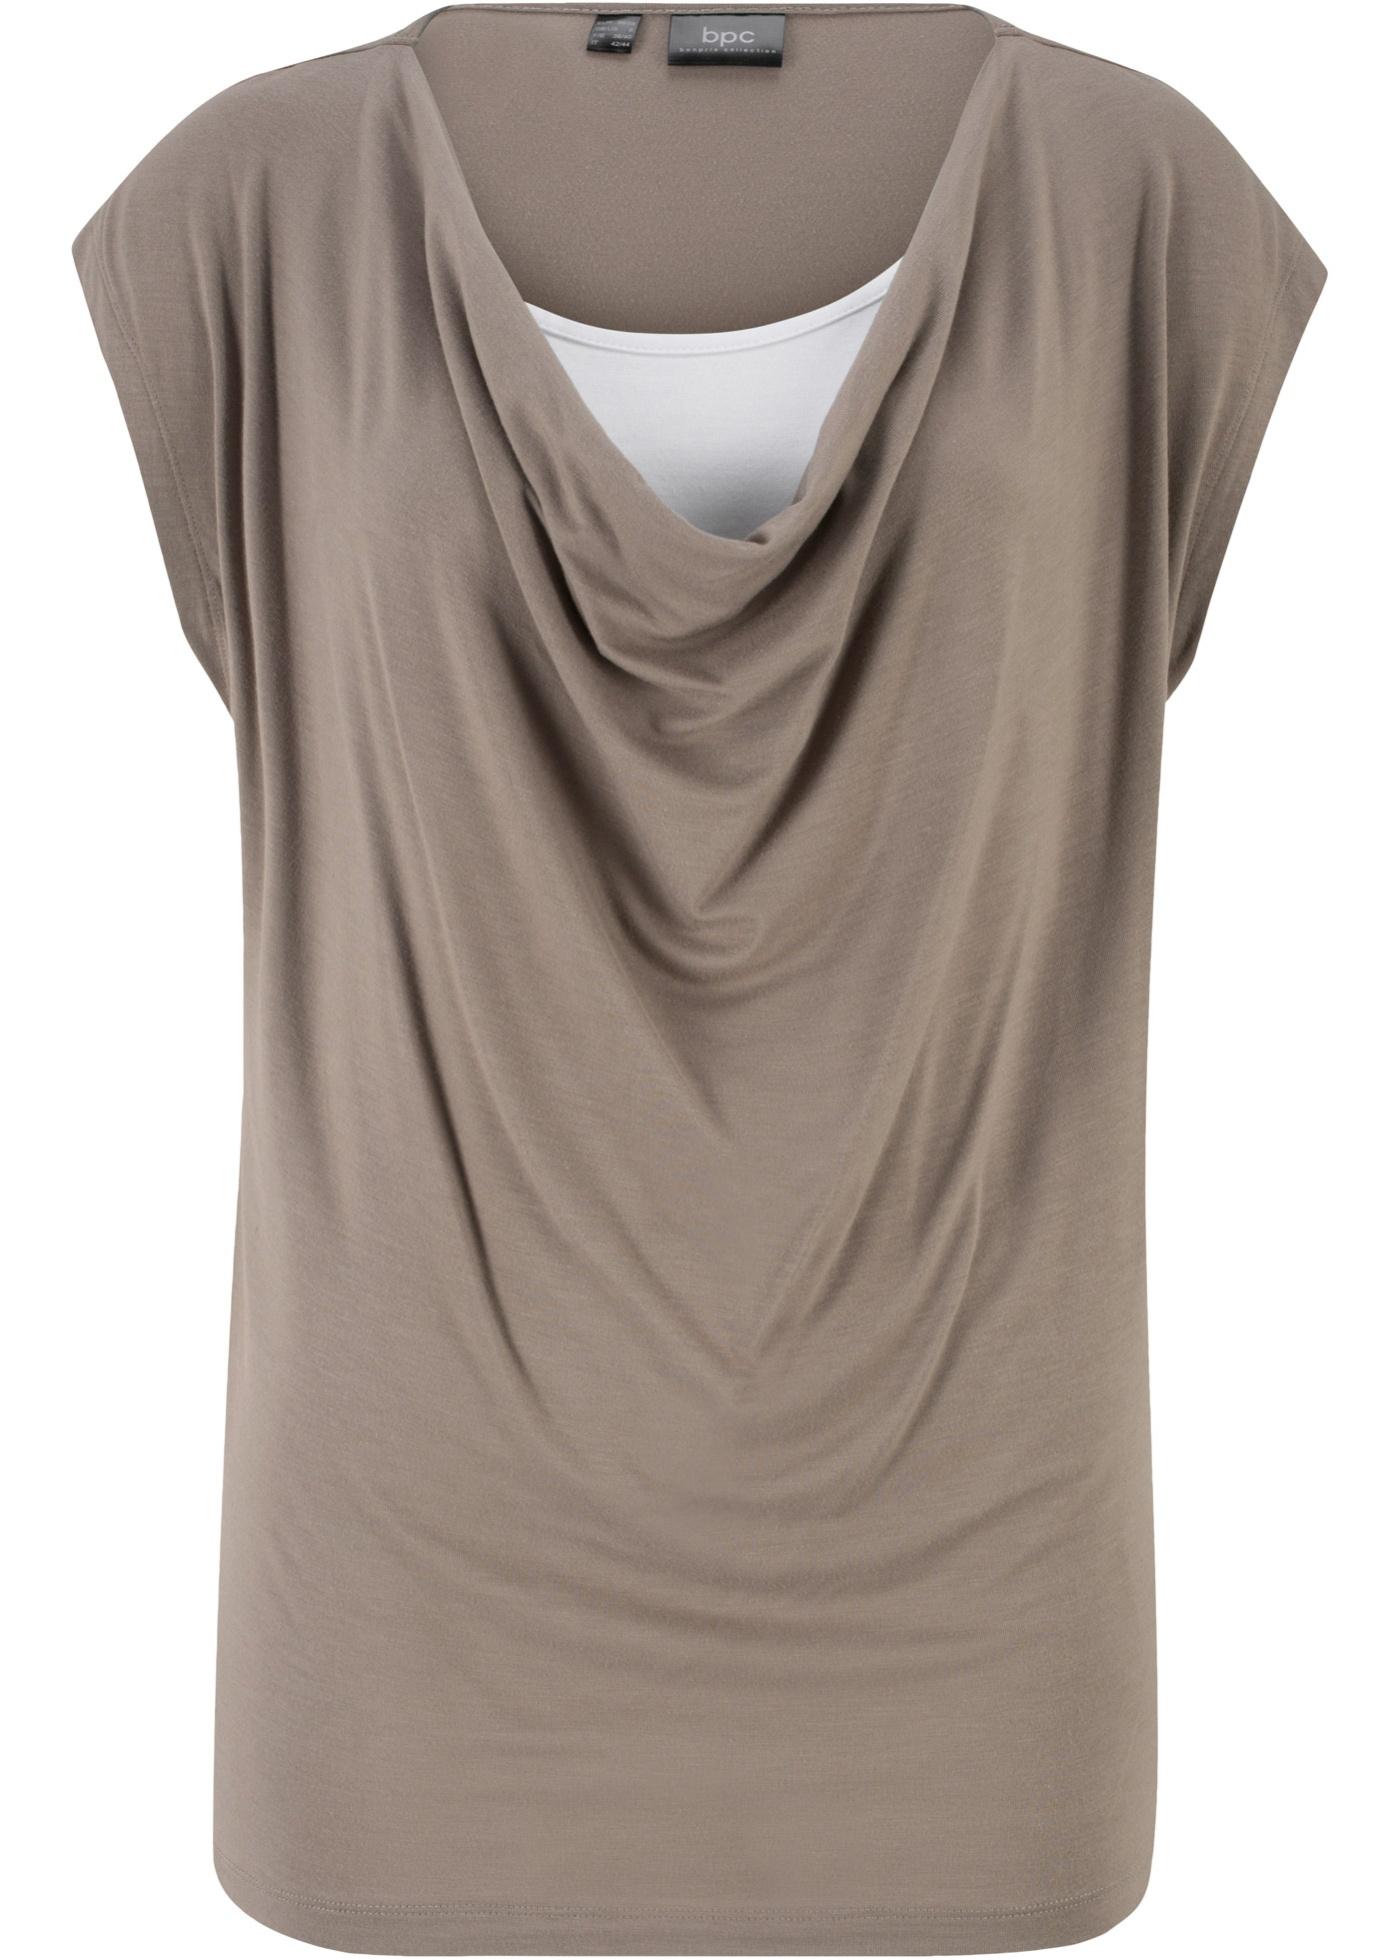 Bonprix CollectionT Manches En Bpc Pour 2 Femme 1 shirt À Courtes Vert TFJc3lK1u5